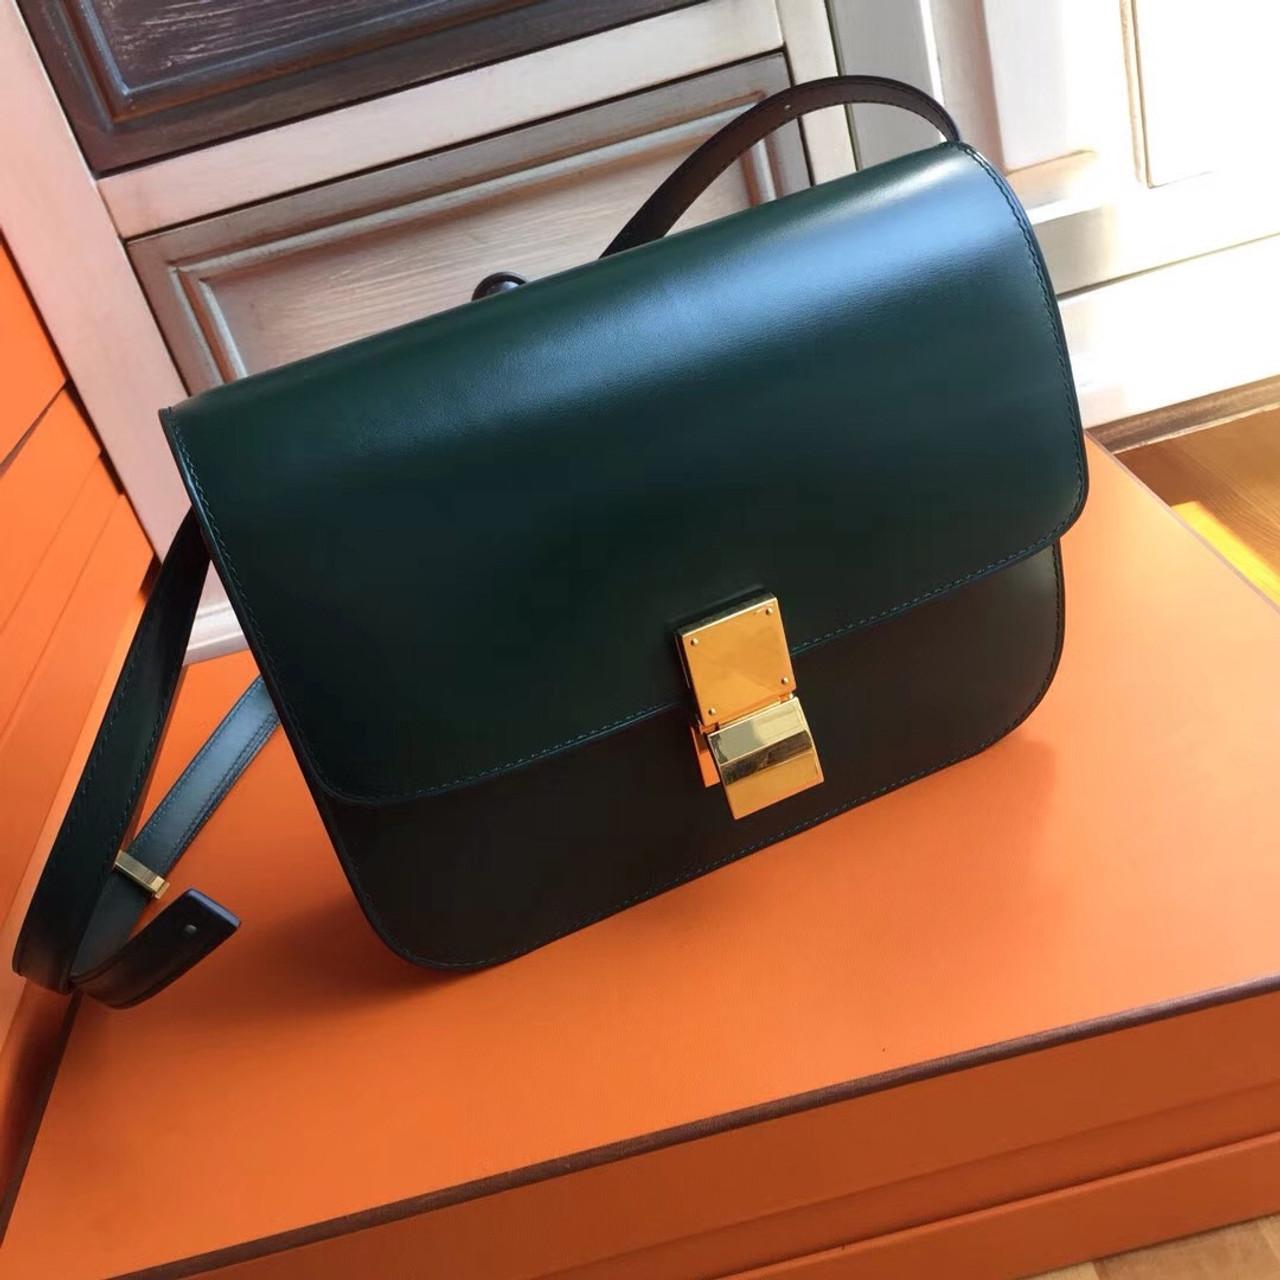 a18e1ca34 Celine MEDIUM CLASSIC BAG IN BOX CALFSKIN AMAZON - Bella Vita Moda